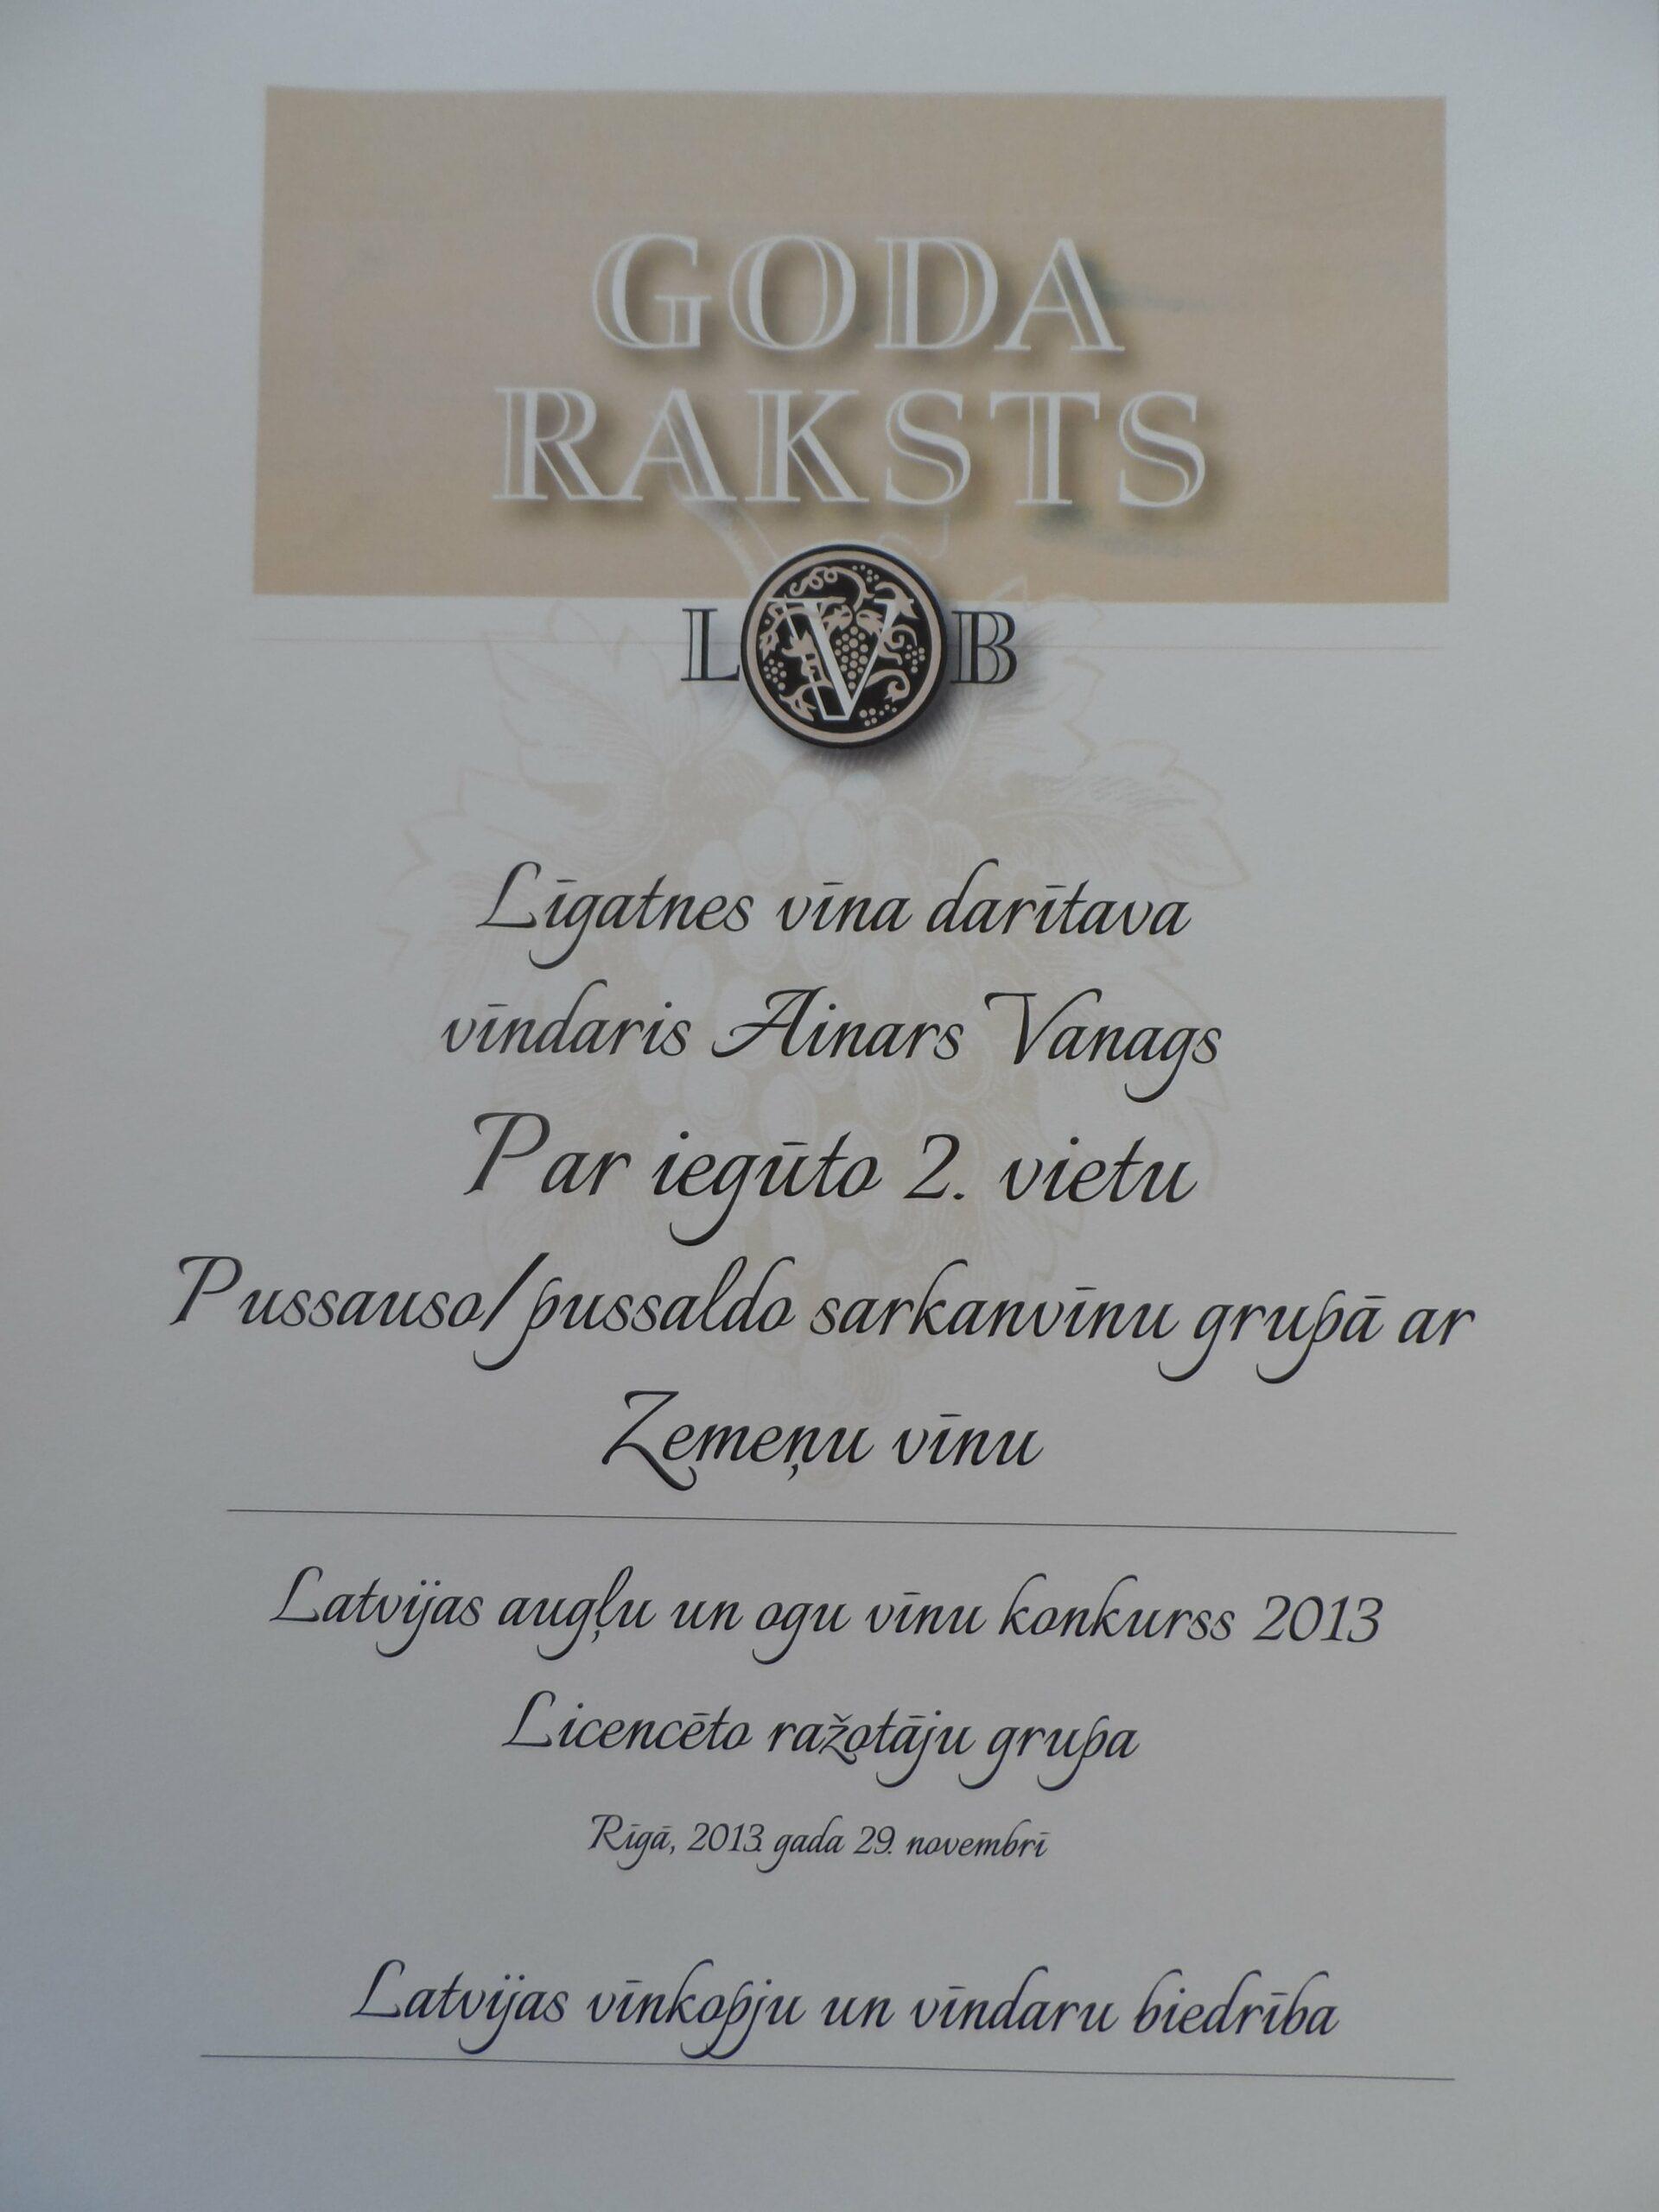 LVB 2.vieta Zemeņu vīns Pussauso/pussaldo sarkanvīnu grupā